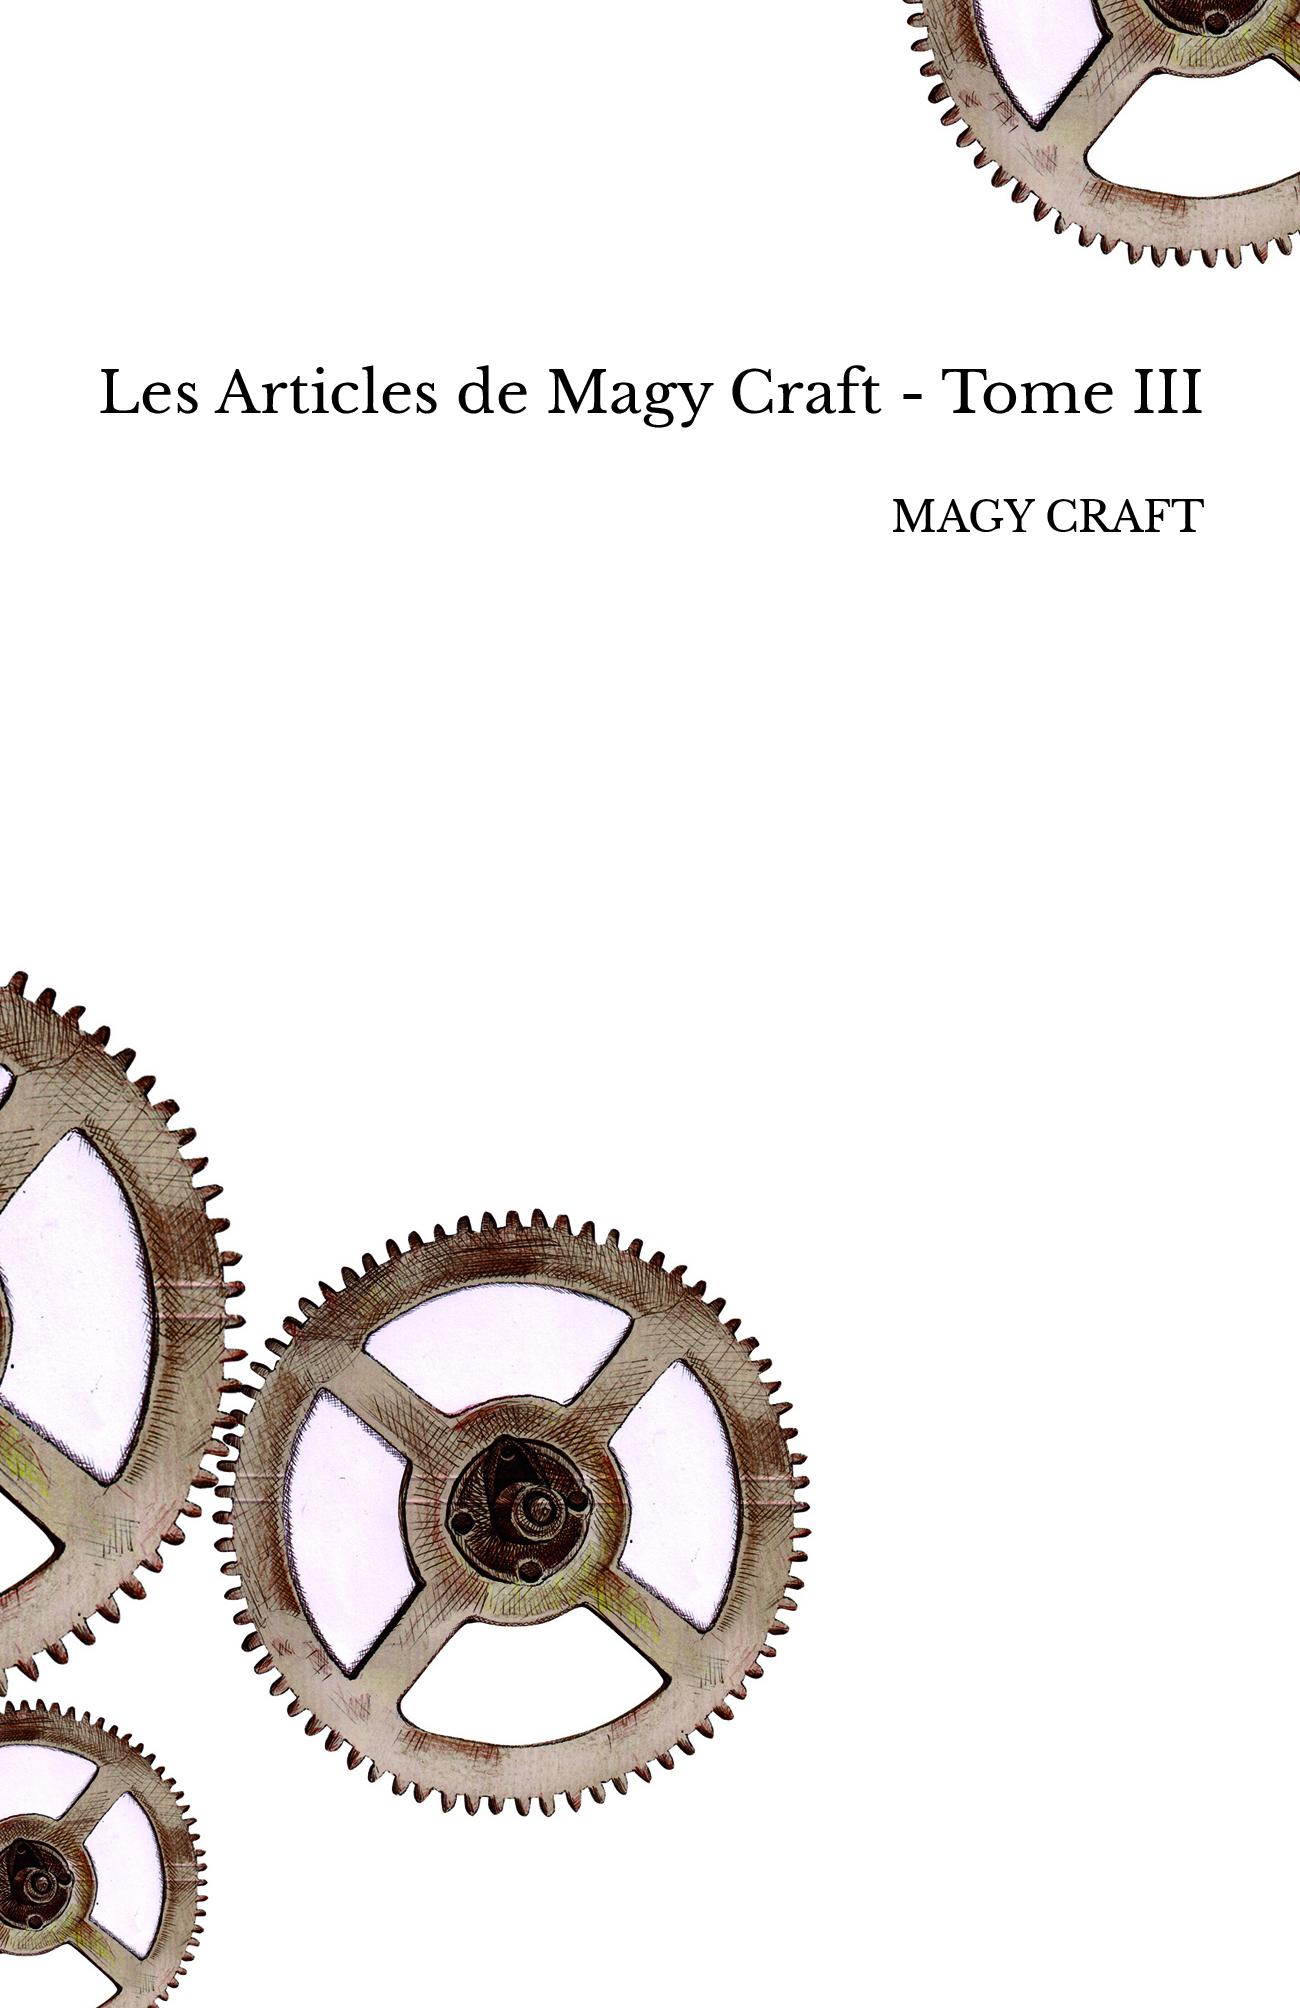 Les Articles de Magy Craft - Tome III